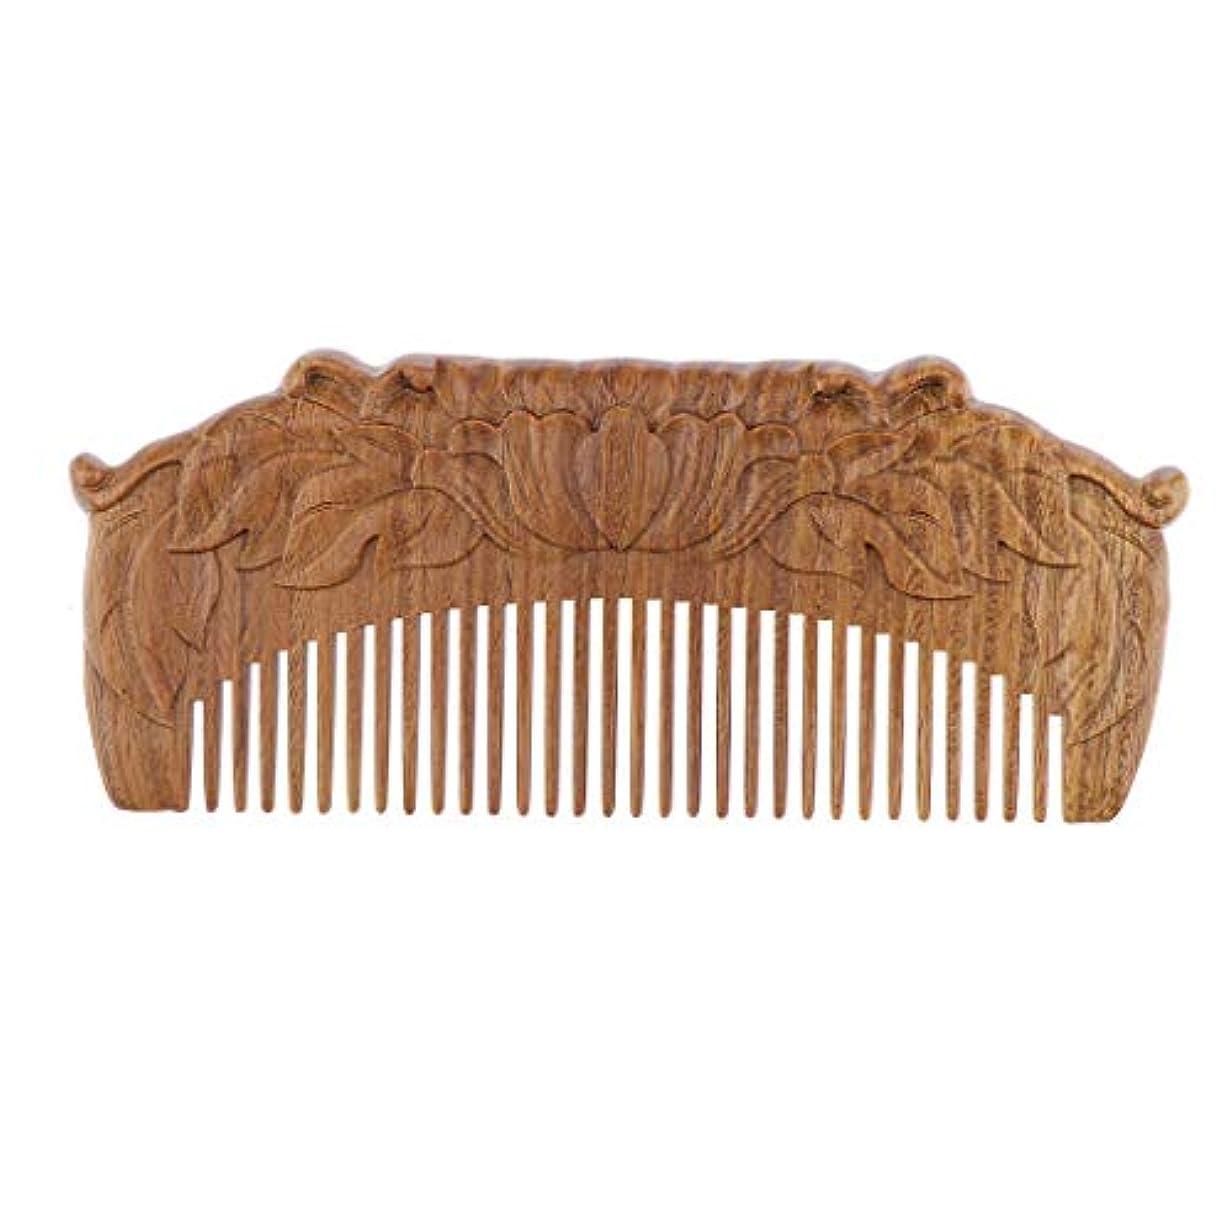 くちばし代数クール木製櫛 ヘアコーム ヘアブラシ 天然木 手作り プレゼント